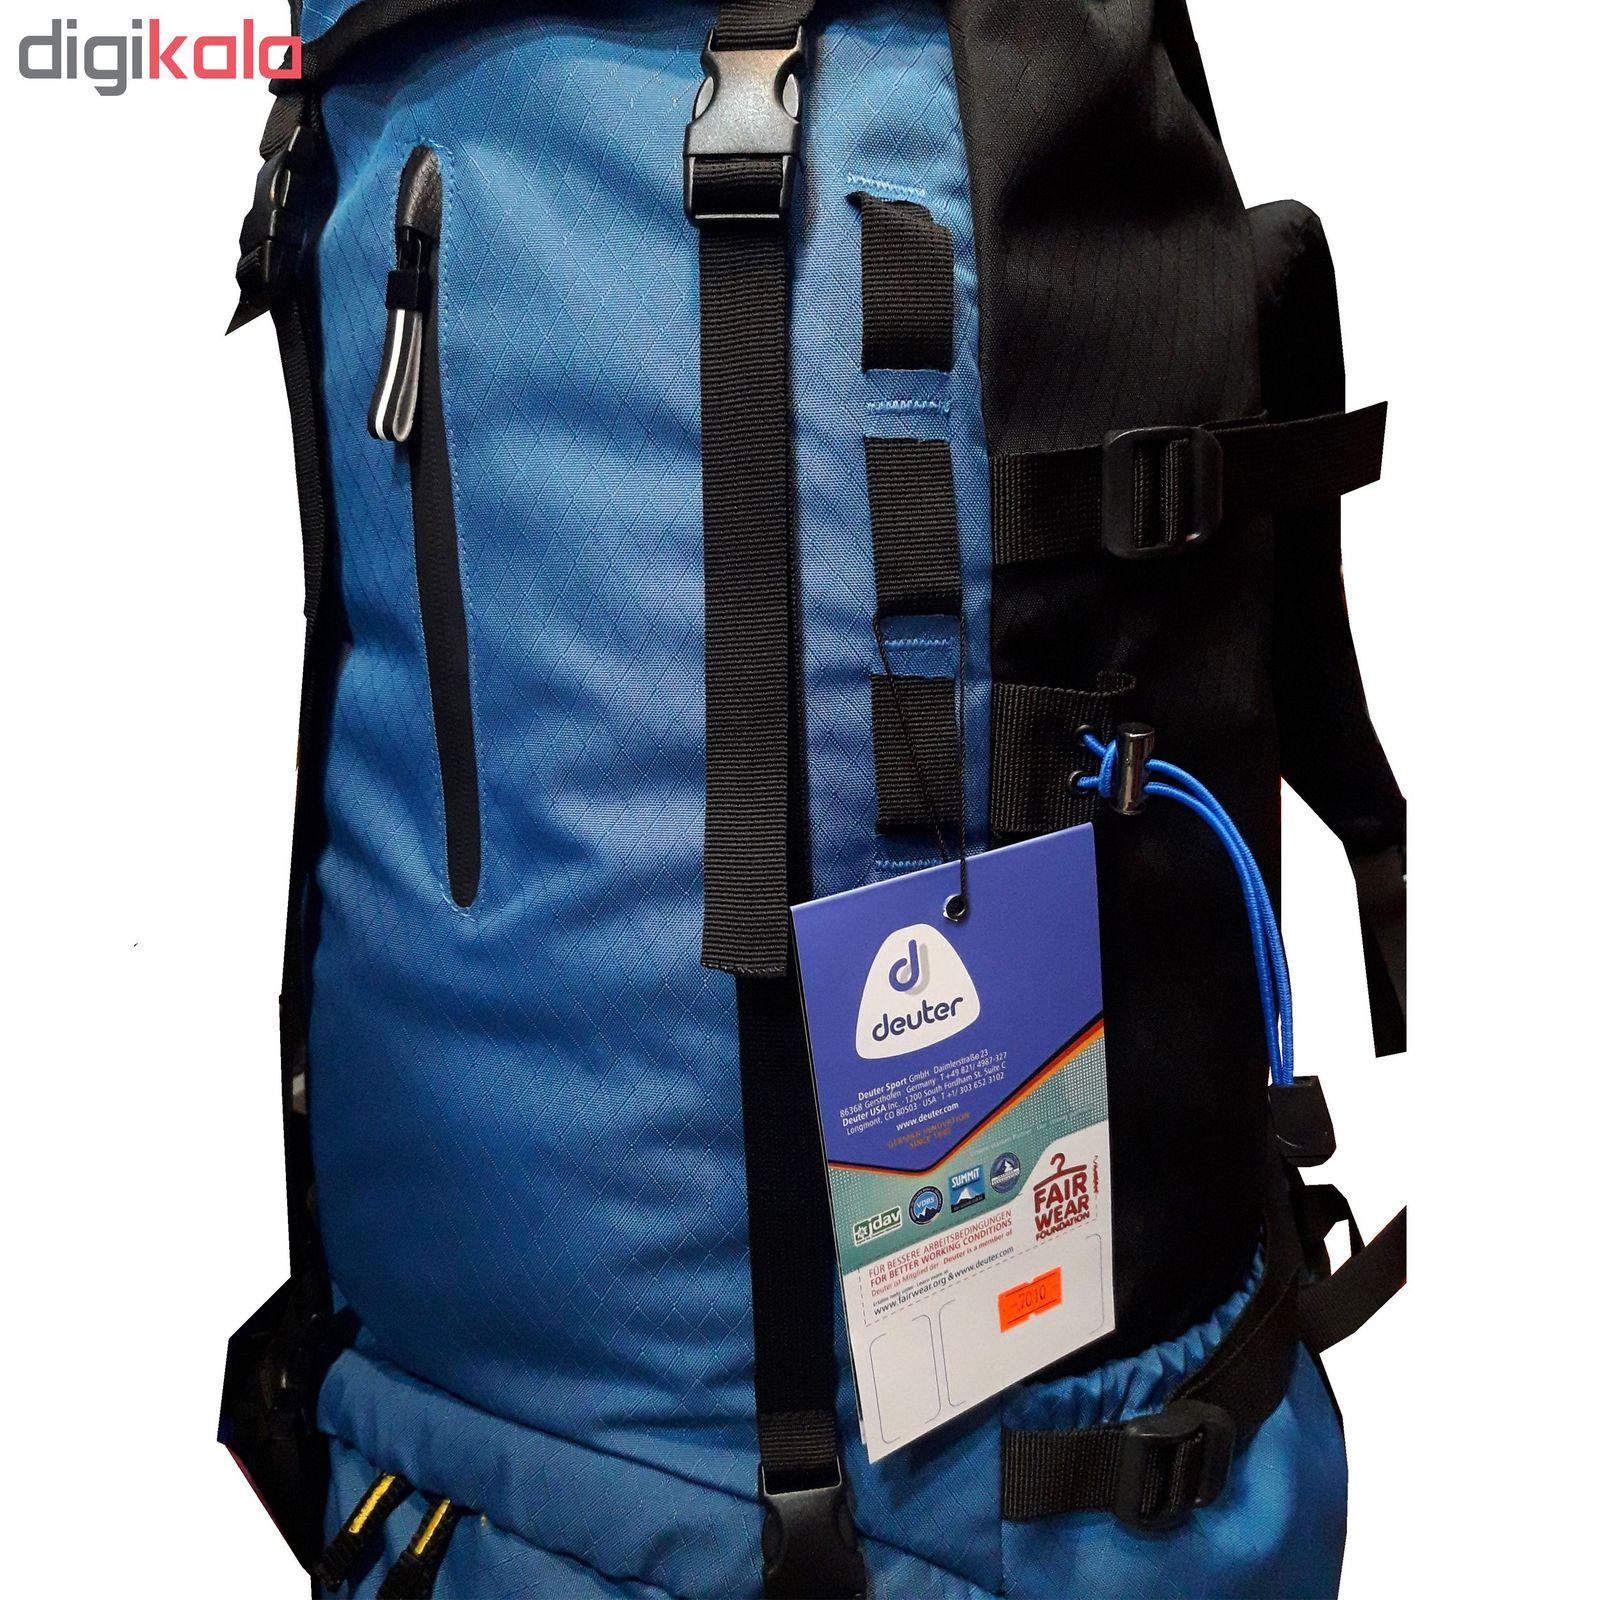 کوله پشتی کوهنوردی 70 لیتری مدل D650 main 1 5